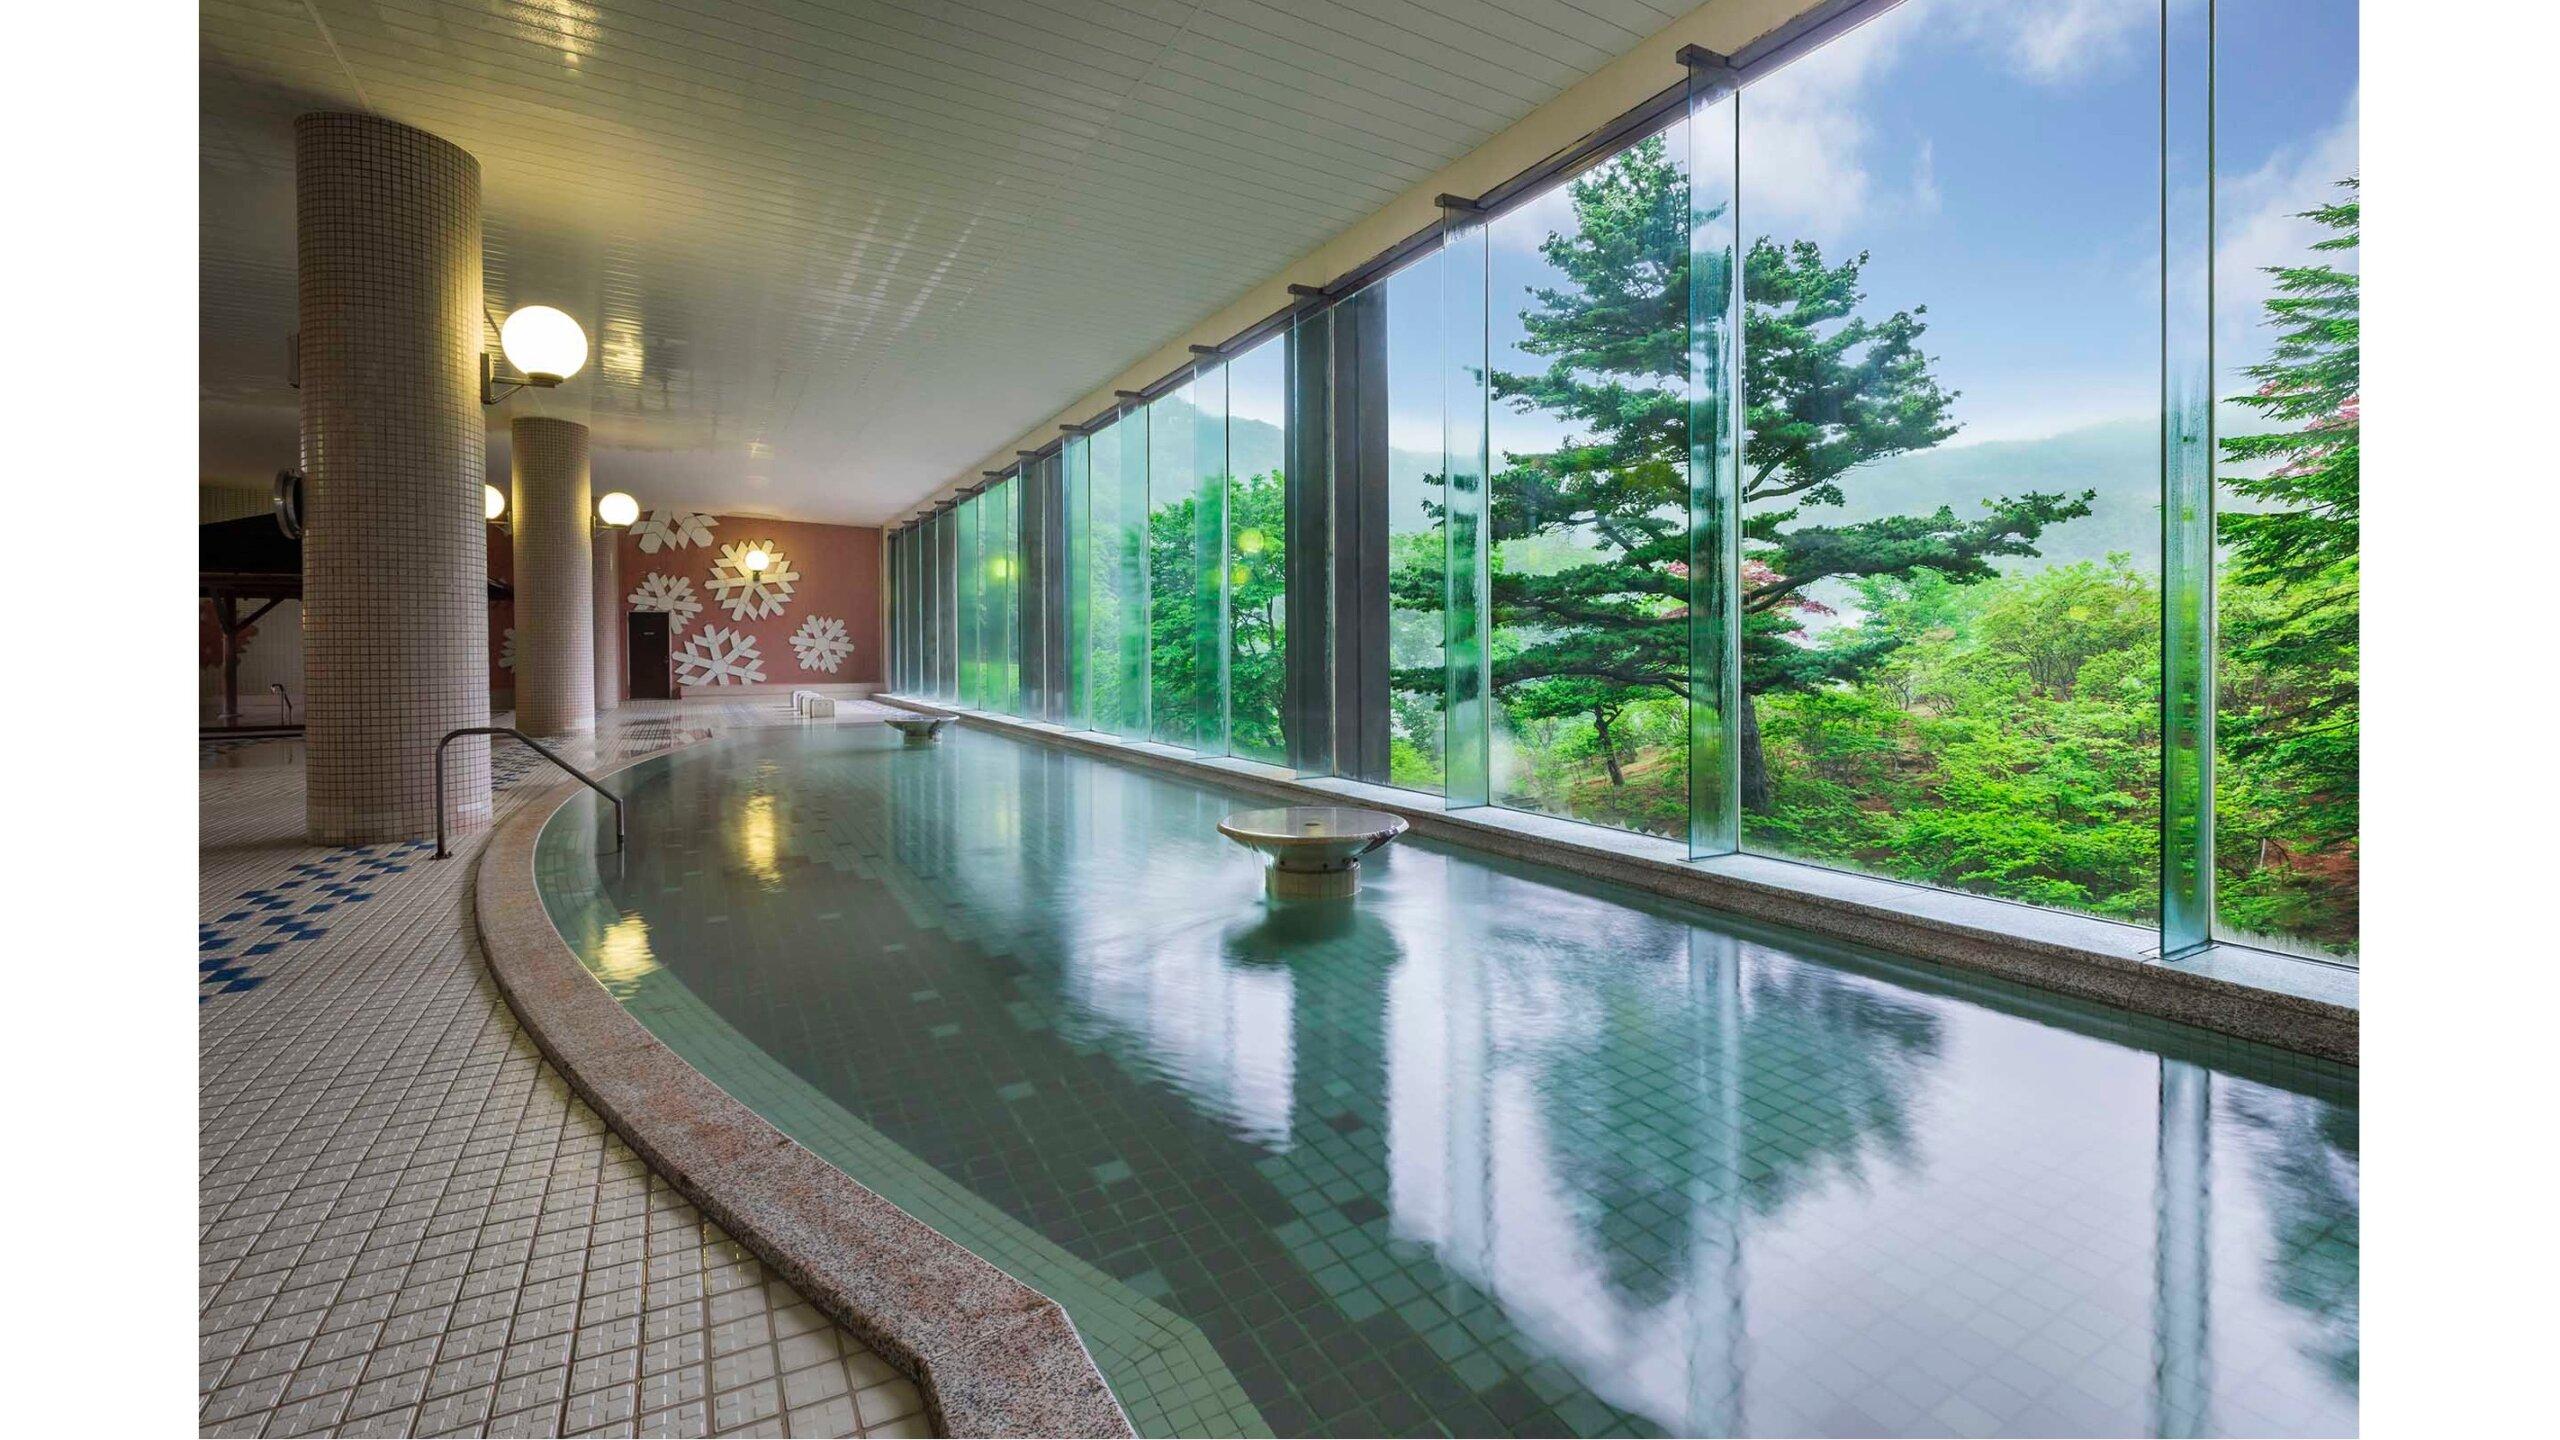 在「登別溫泉 第一瀧本館」的男湯展望浴池內,可以一邊泡湯一邊眺望地獄谷的景觀。